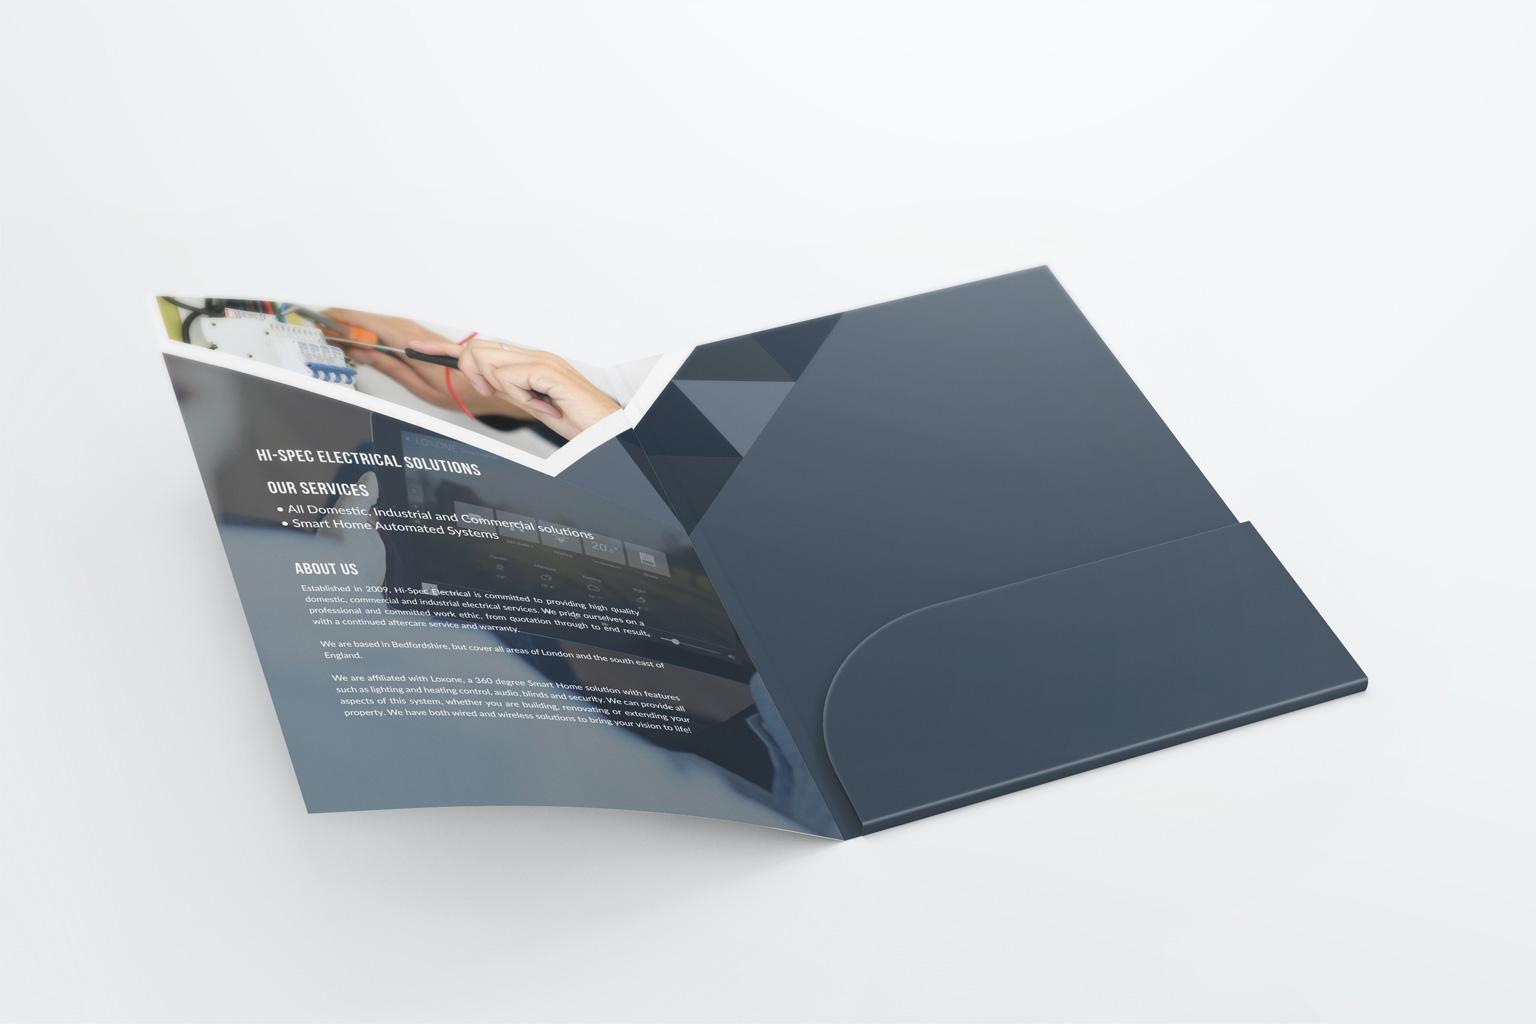 HiSpec-folder-in